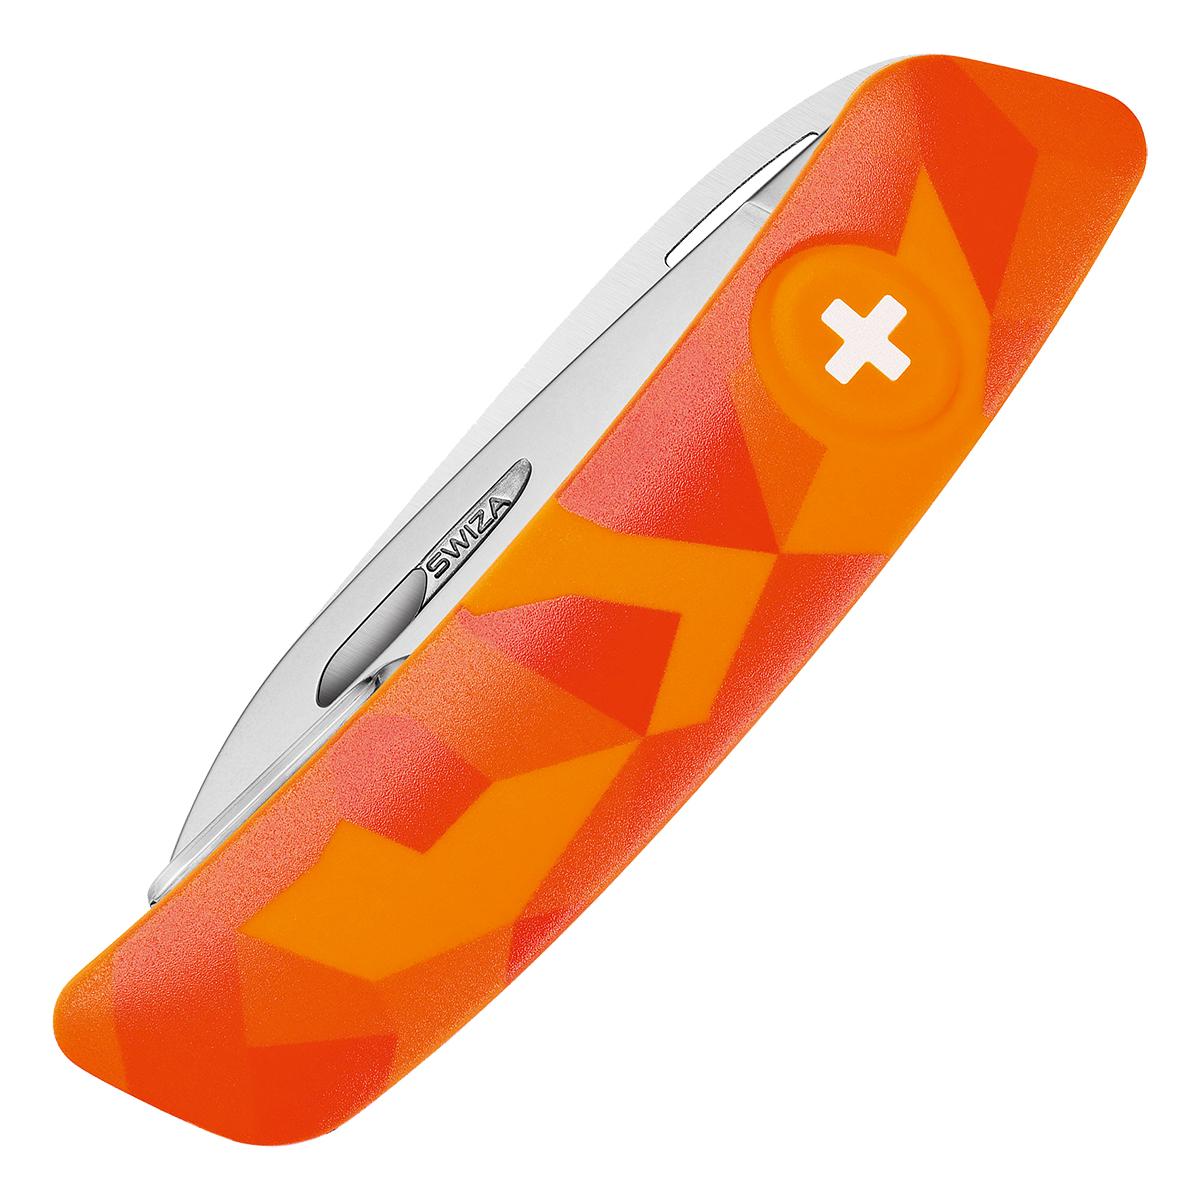 SWIZA Kindermesser J06 Orange Luceo mit Säge im Pareyshop